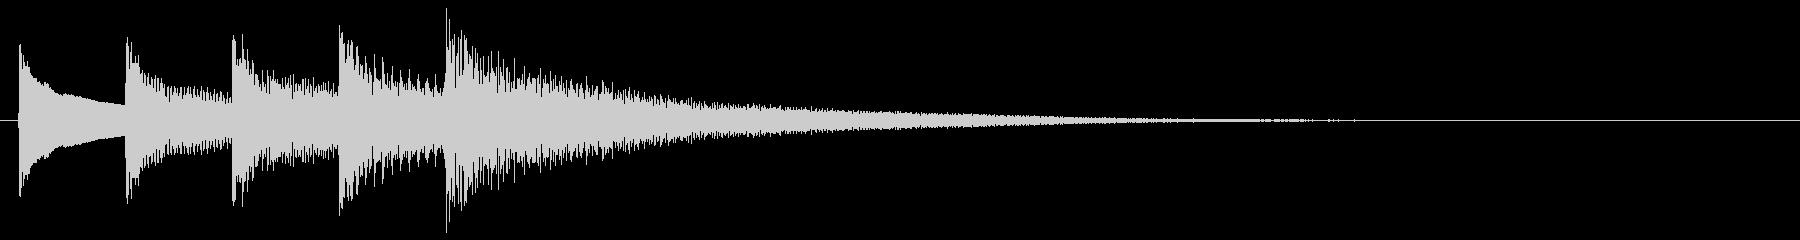 和風効果音 琴 短めなフレーズ Eの未再生の波形